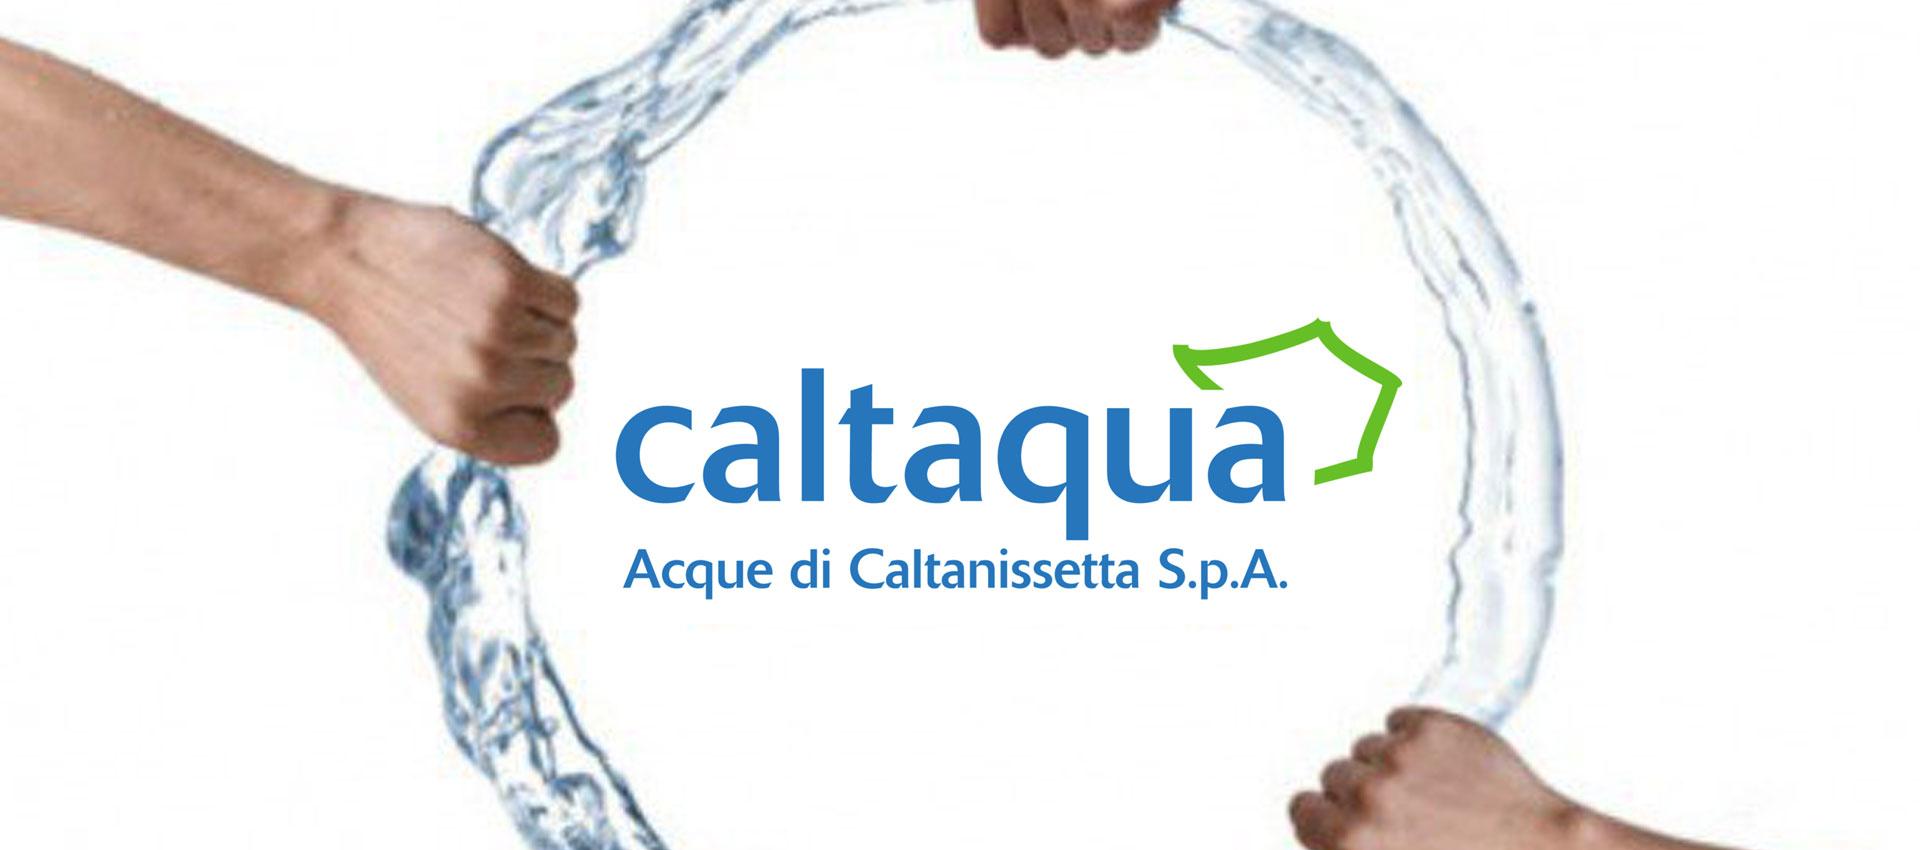 Caltanissetta, il giudice blocca trasferimento di un lavoratore di Caltaqua